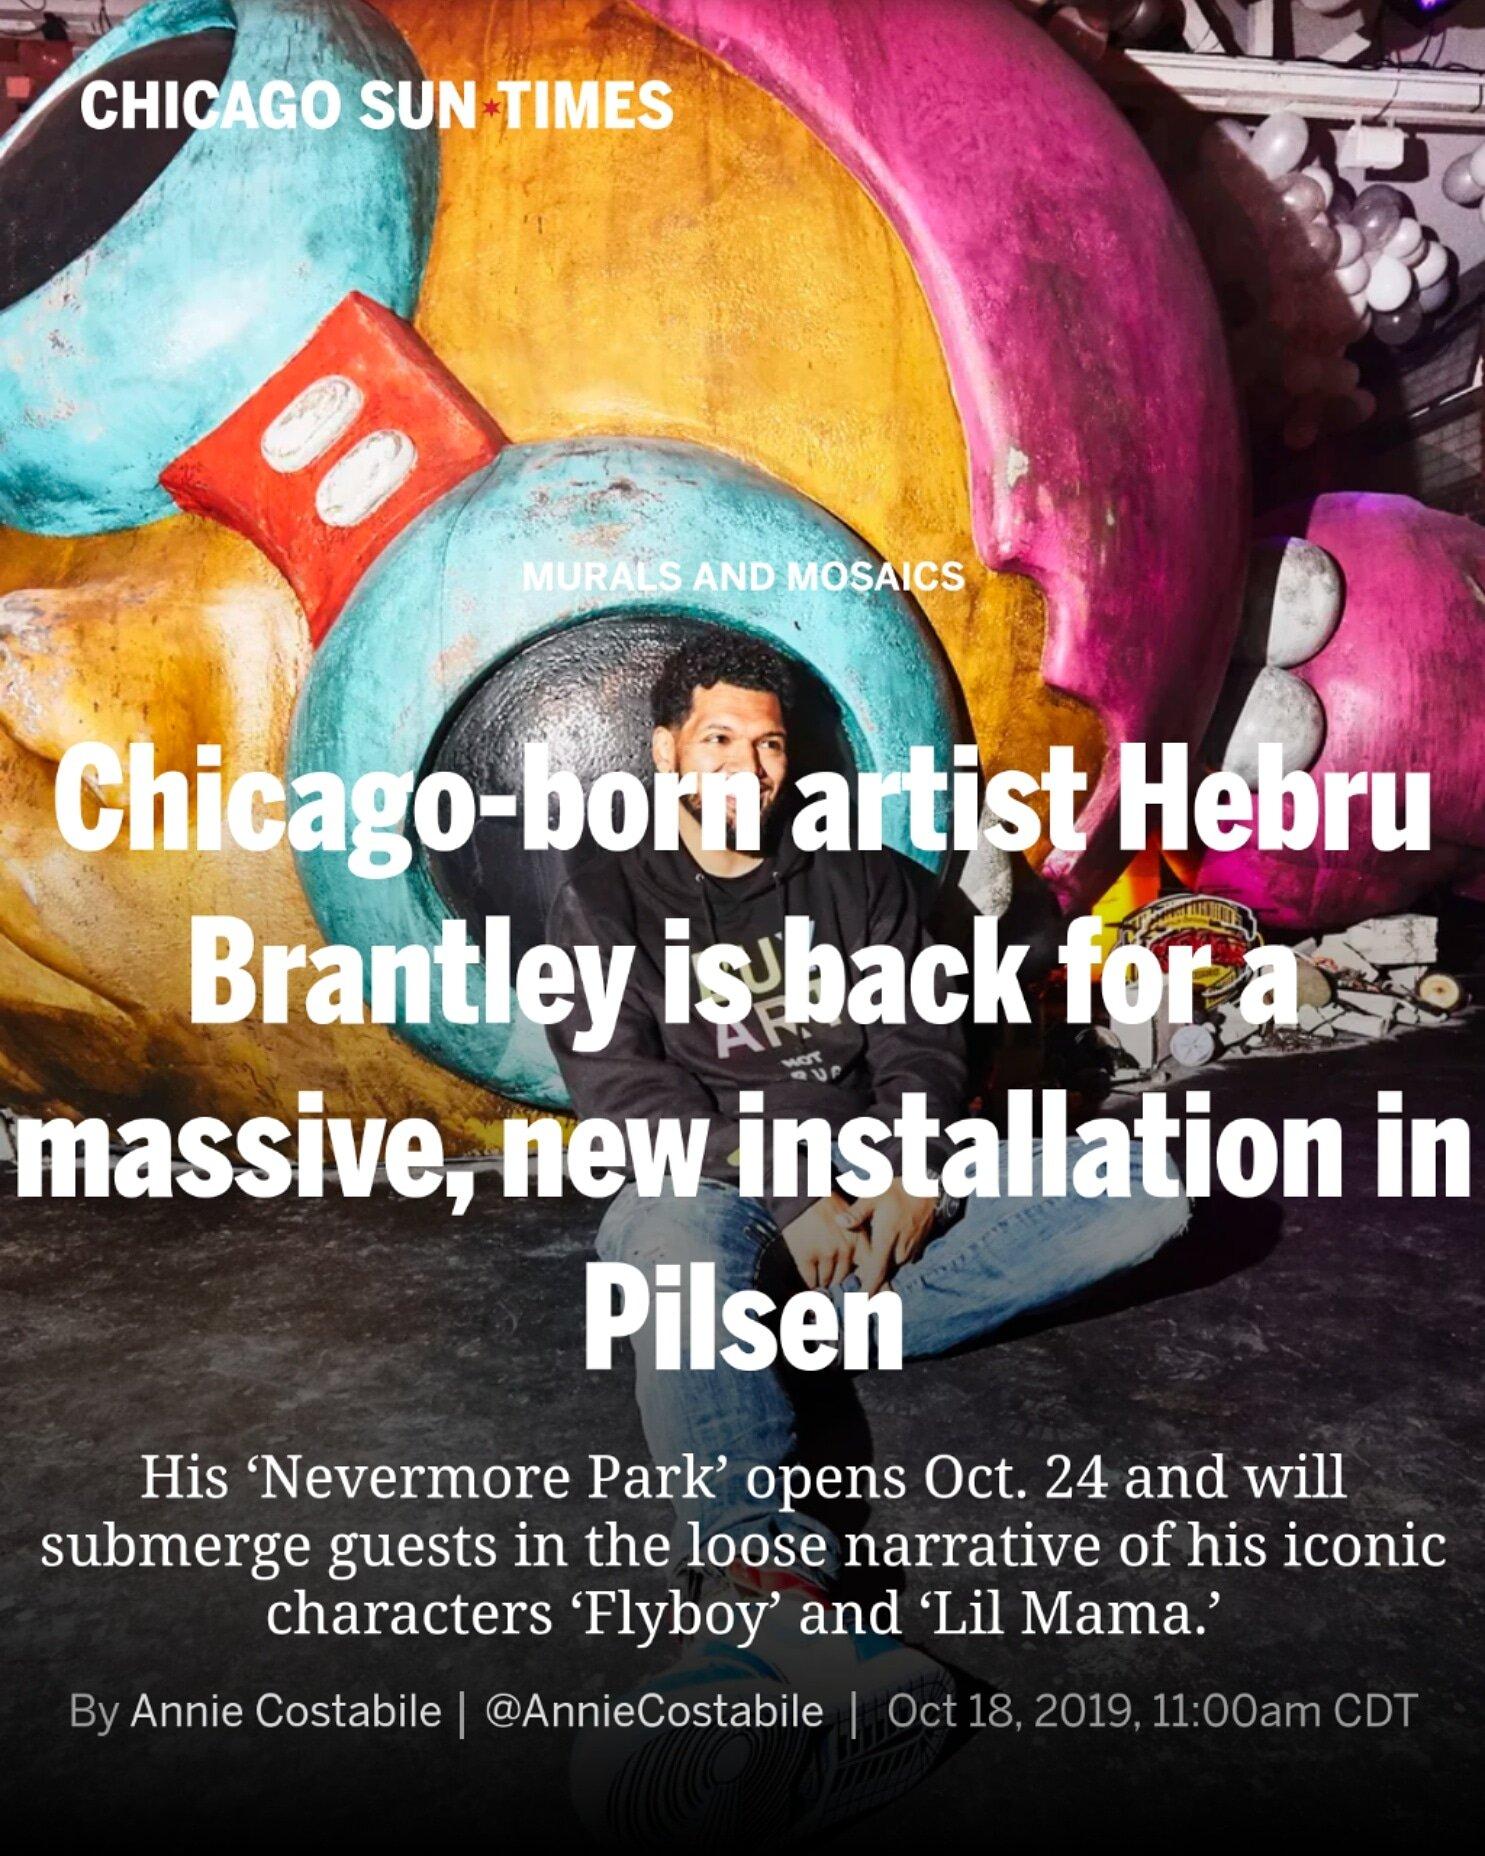 Hebru-brantlye-nevermore-park-pilsen-art-installation-chicago-sun-times-Annie-costabile-publicist-ximena-larkin-chicago-c1-revoution